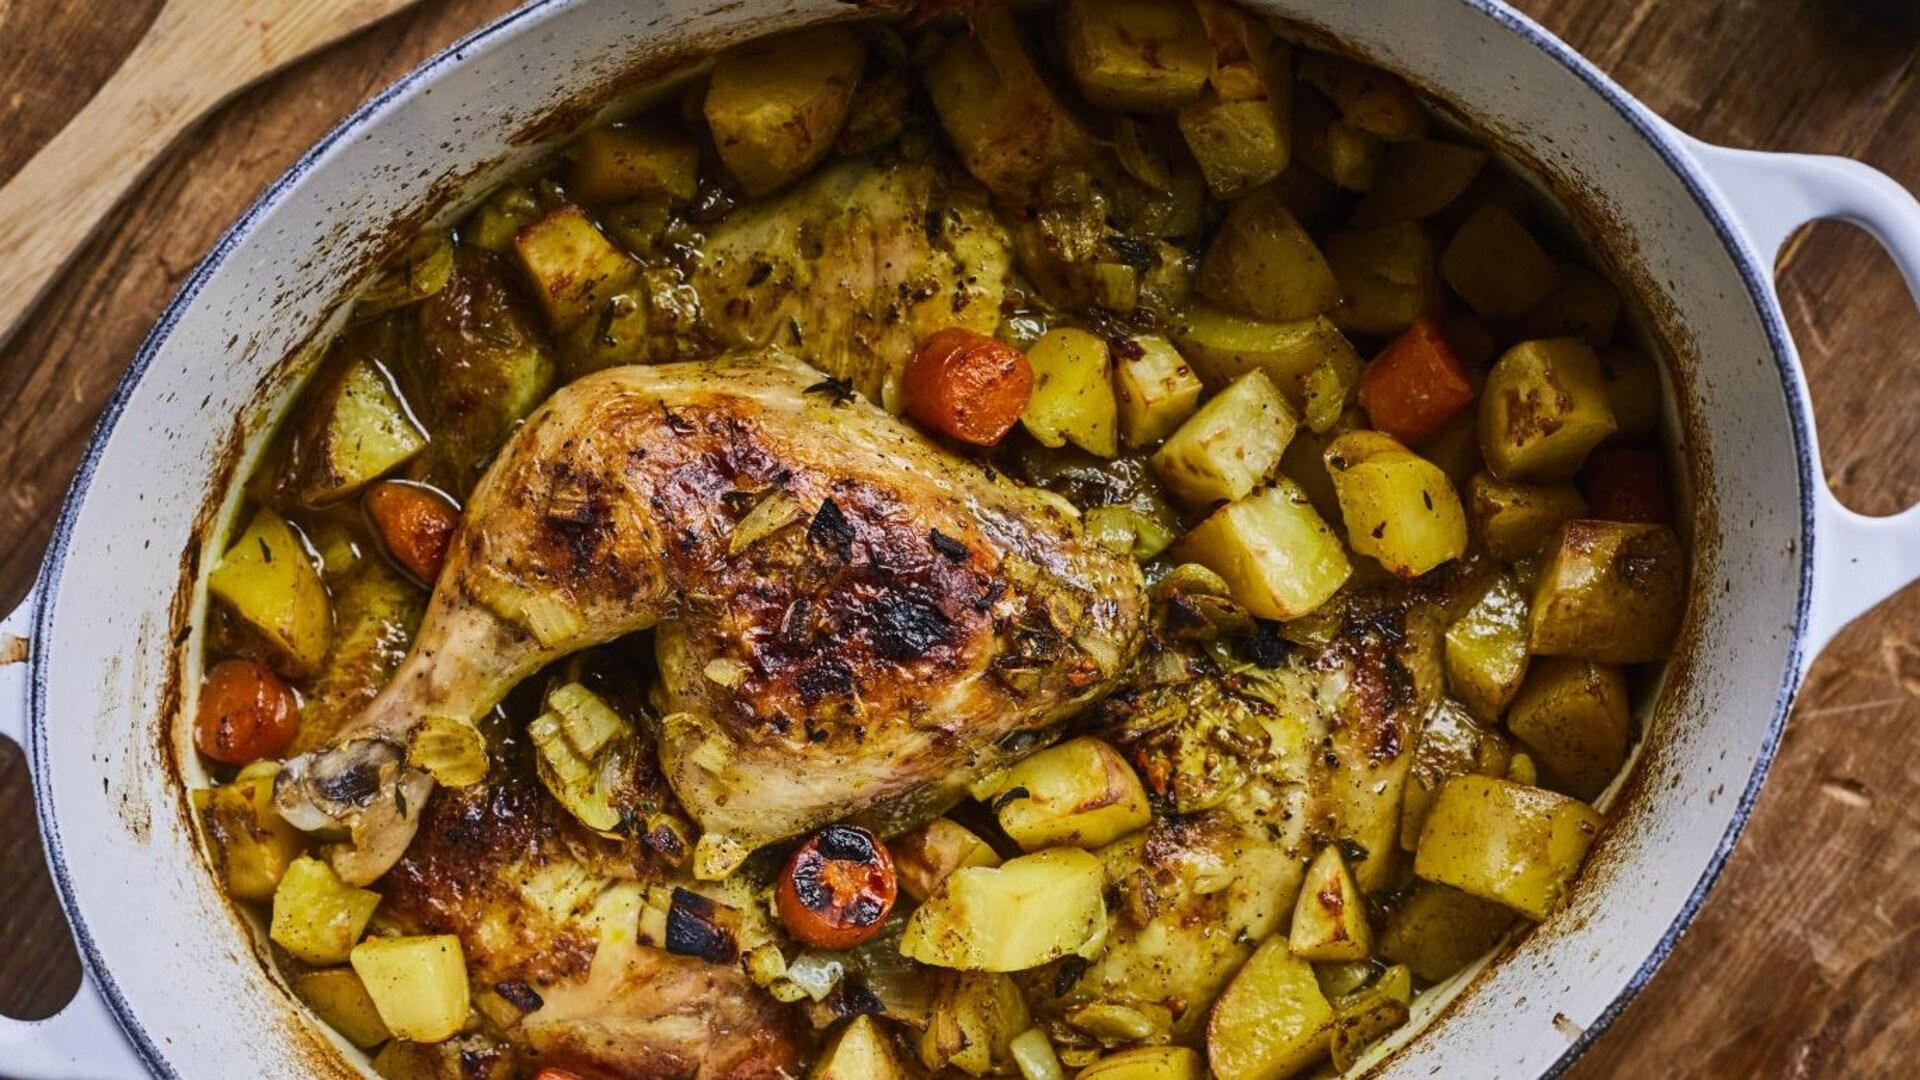 Un colombo de poulet grillé dans un grand plat de cuisson.